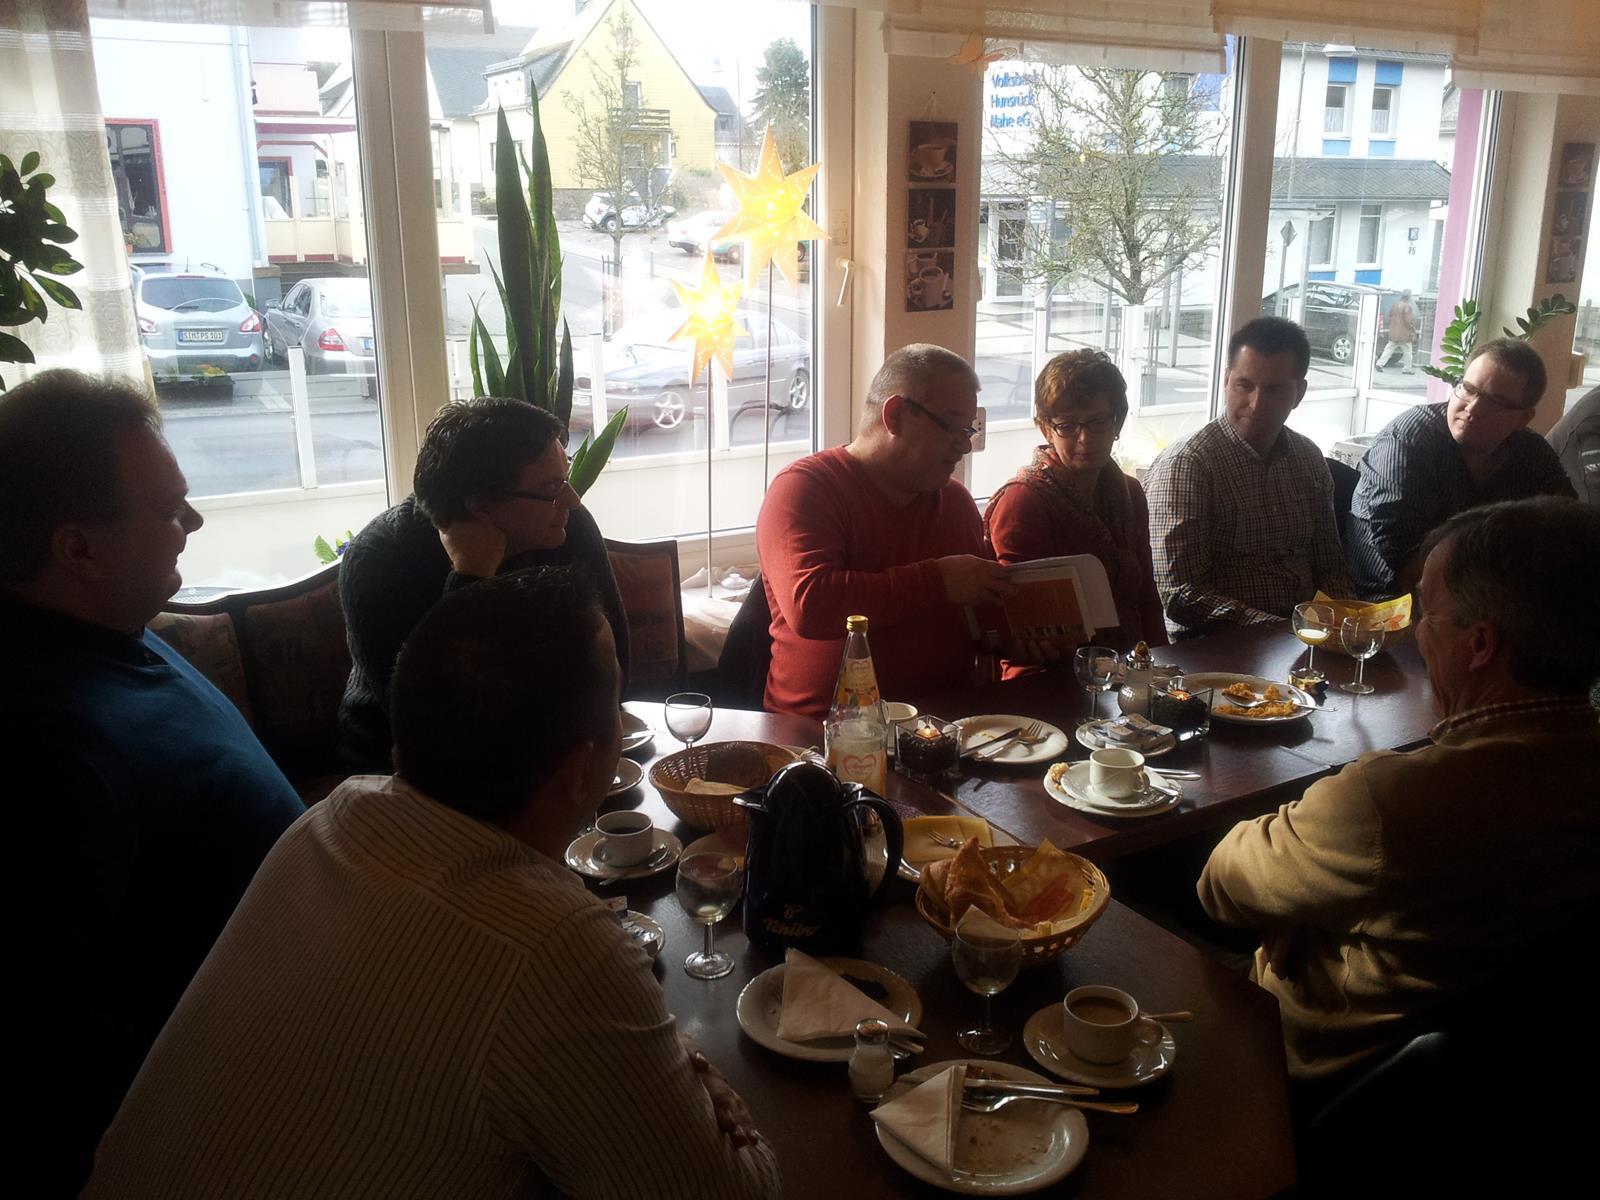 Neumitgliederfrühstück der CDU Emmelshausen